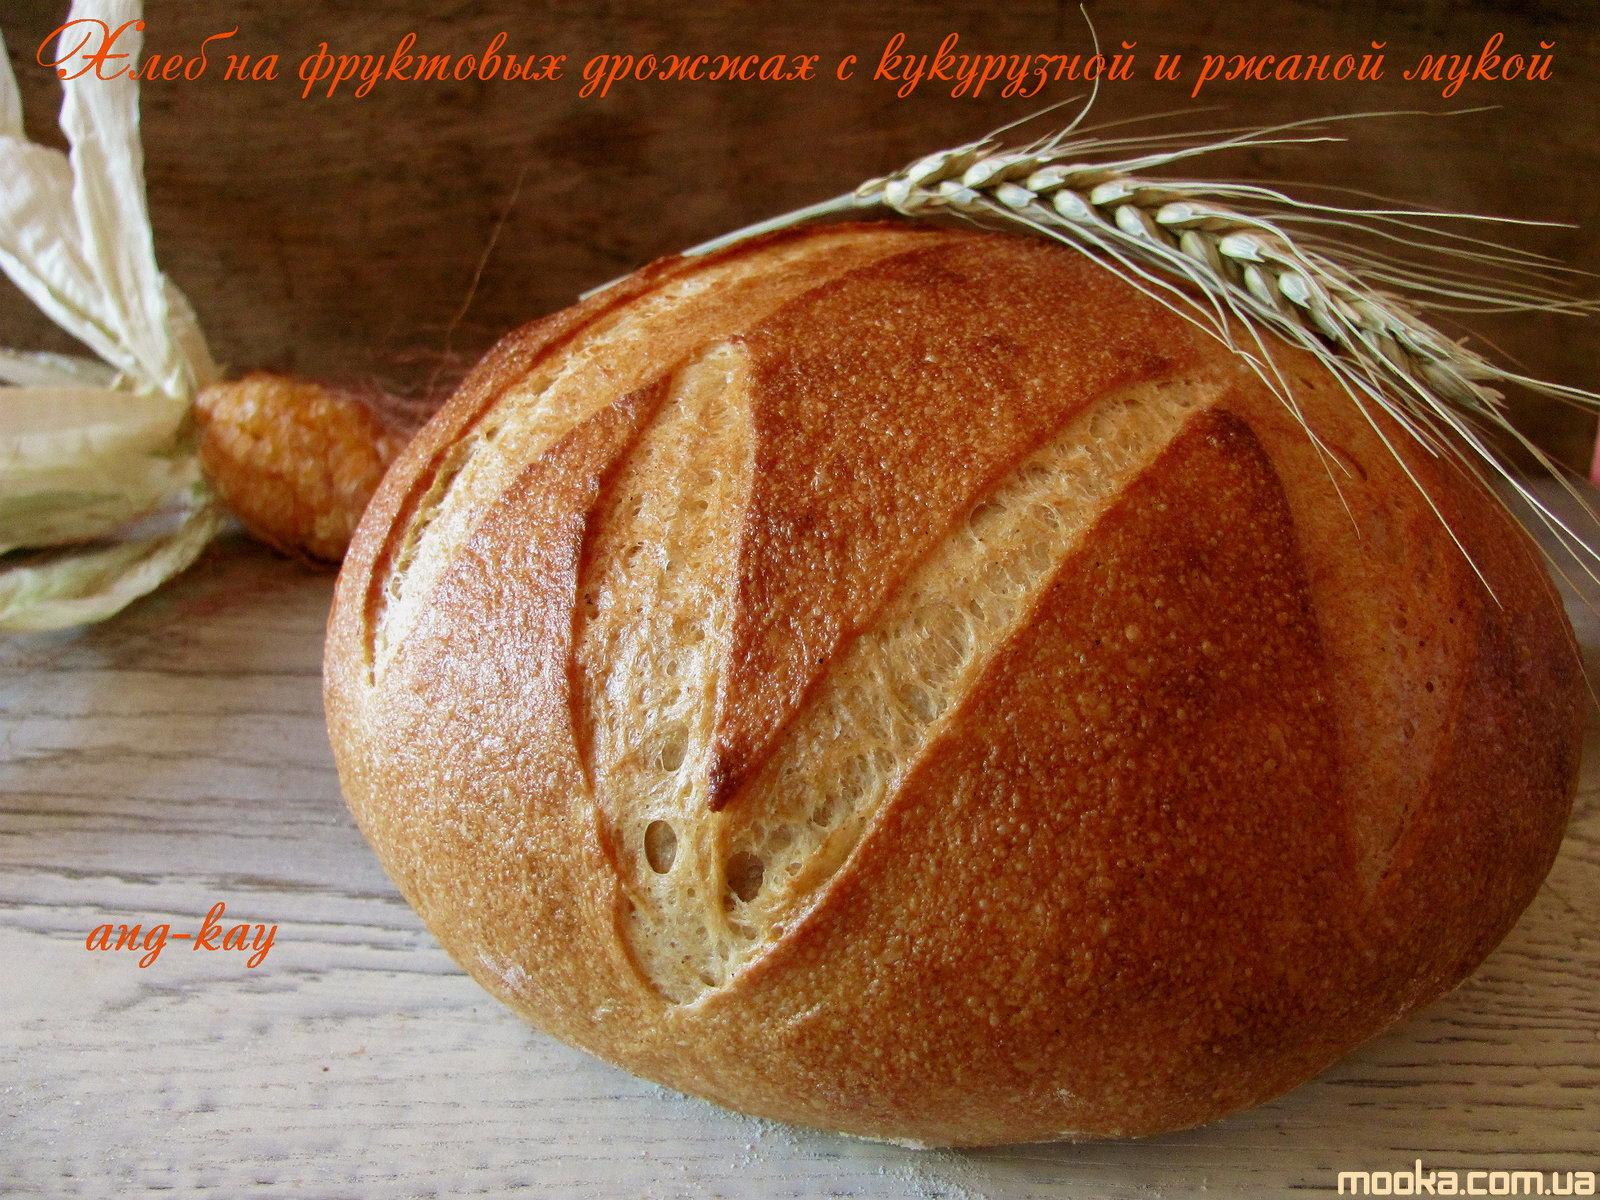 gallery_5_680_1397266.jpg